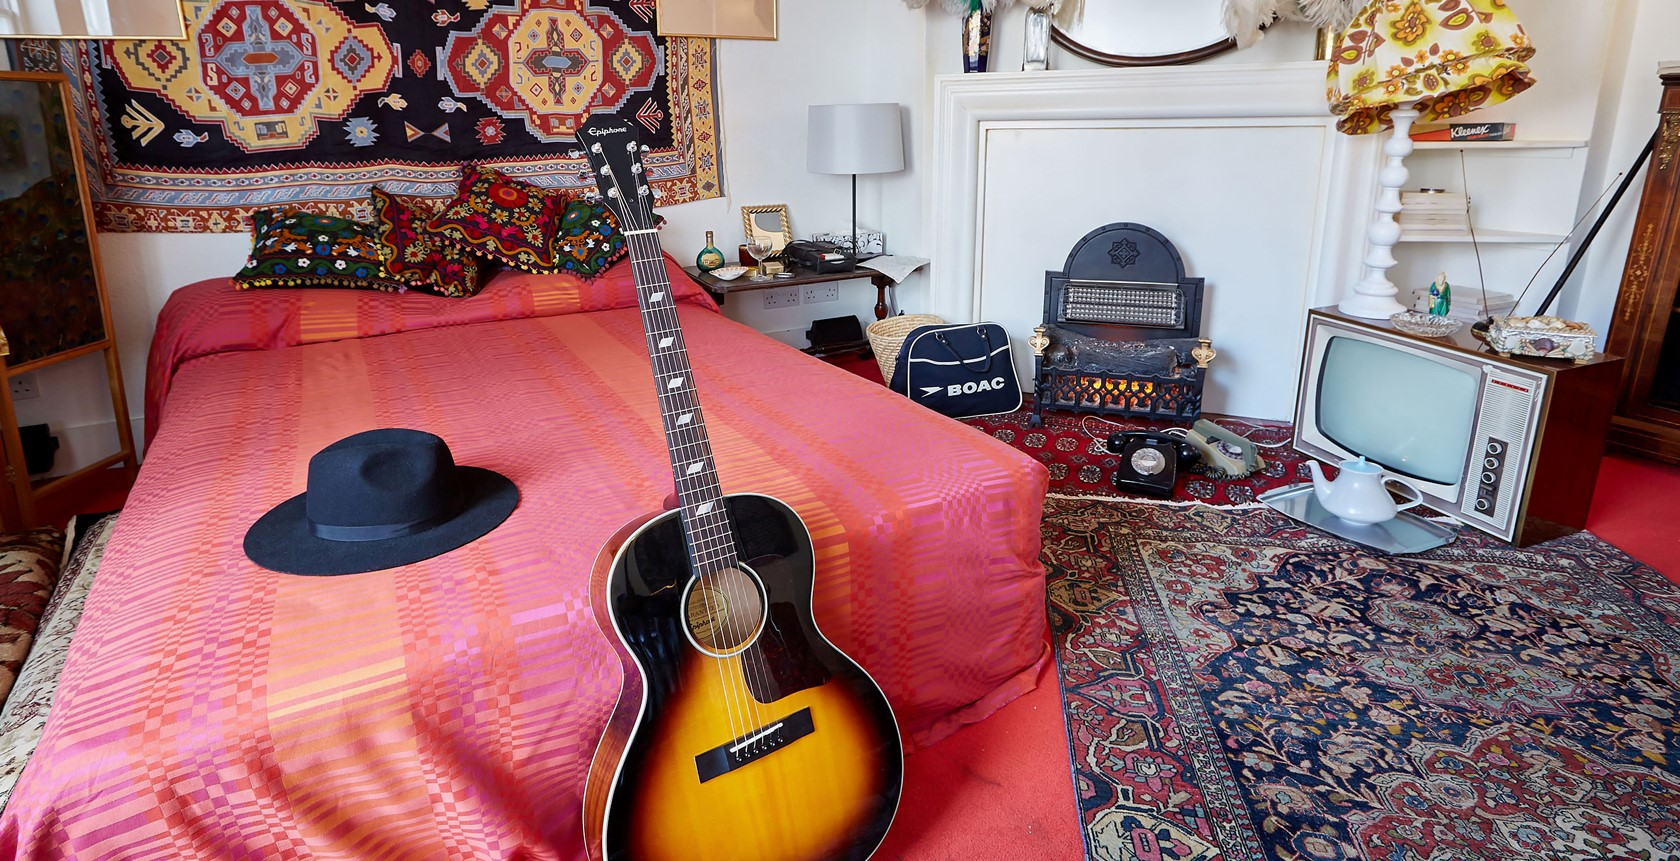 Londres - Programas diferentes - Casa de Jimmy Hendrix - dicas de viagem no blog Vontade de Viajar